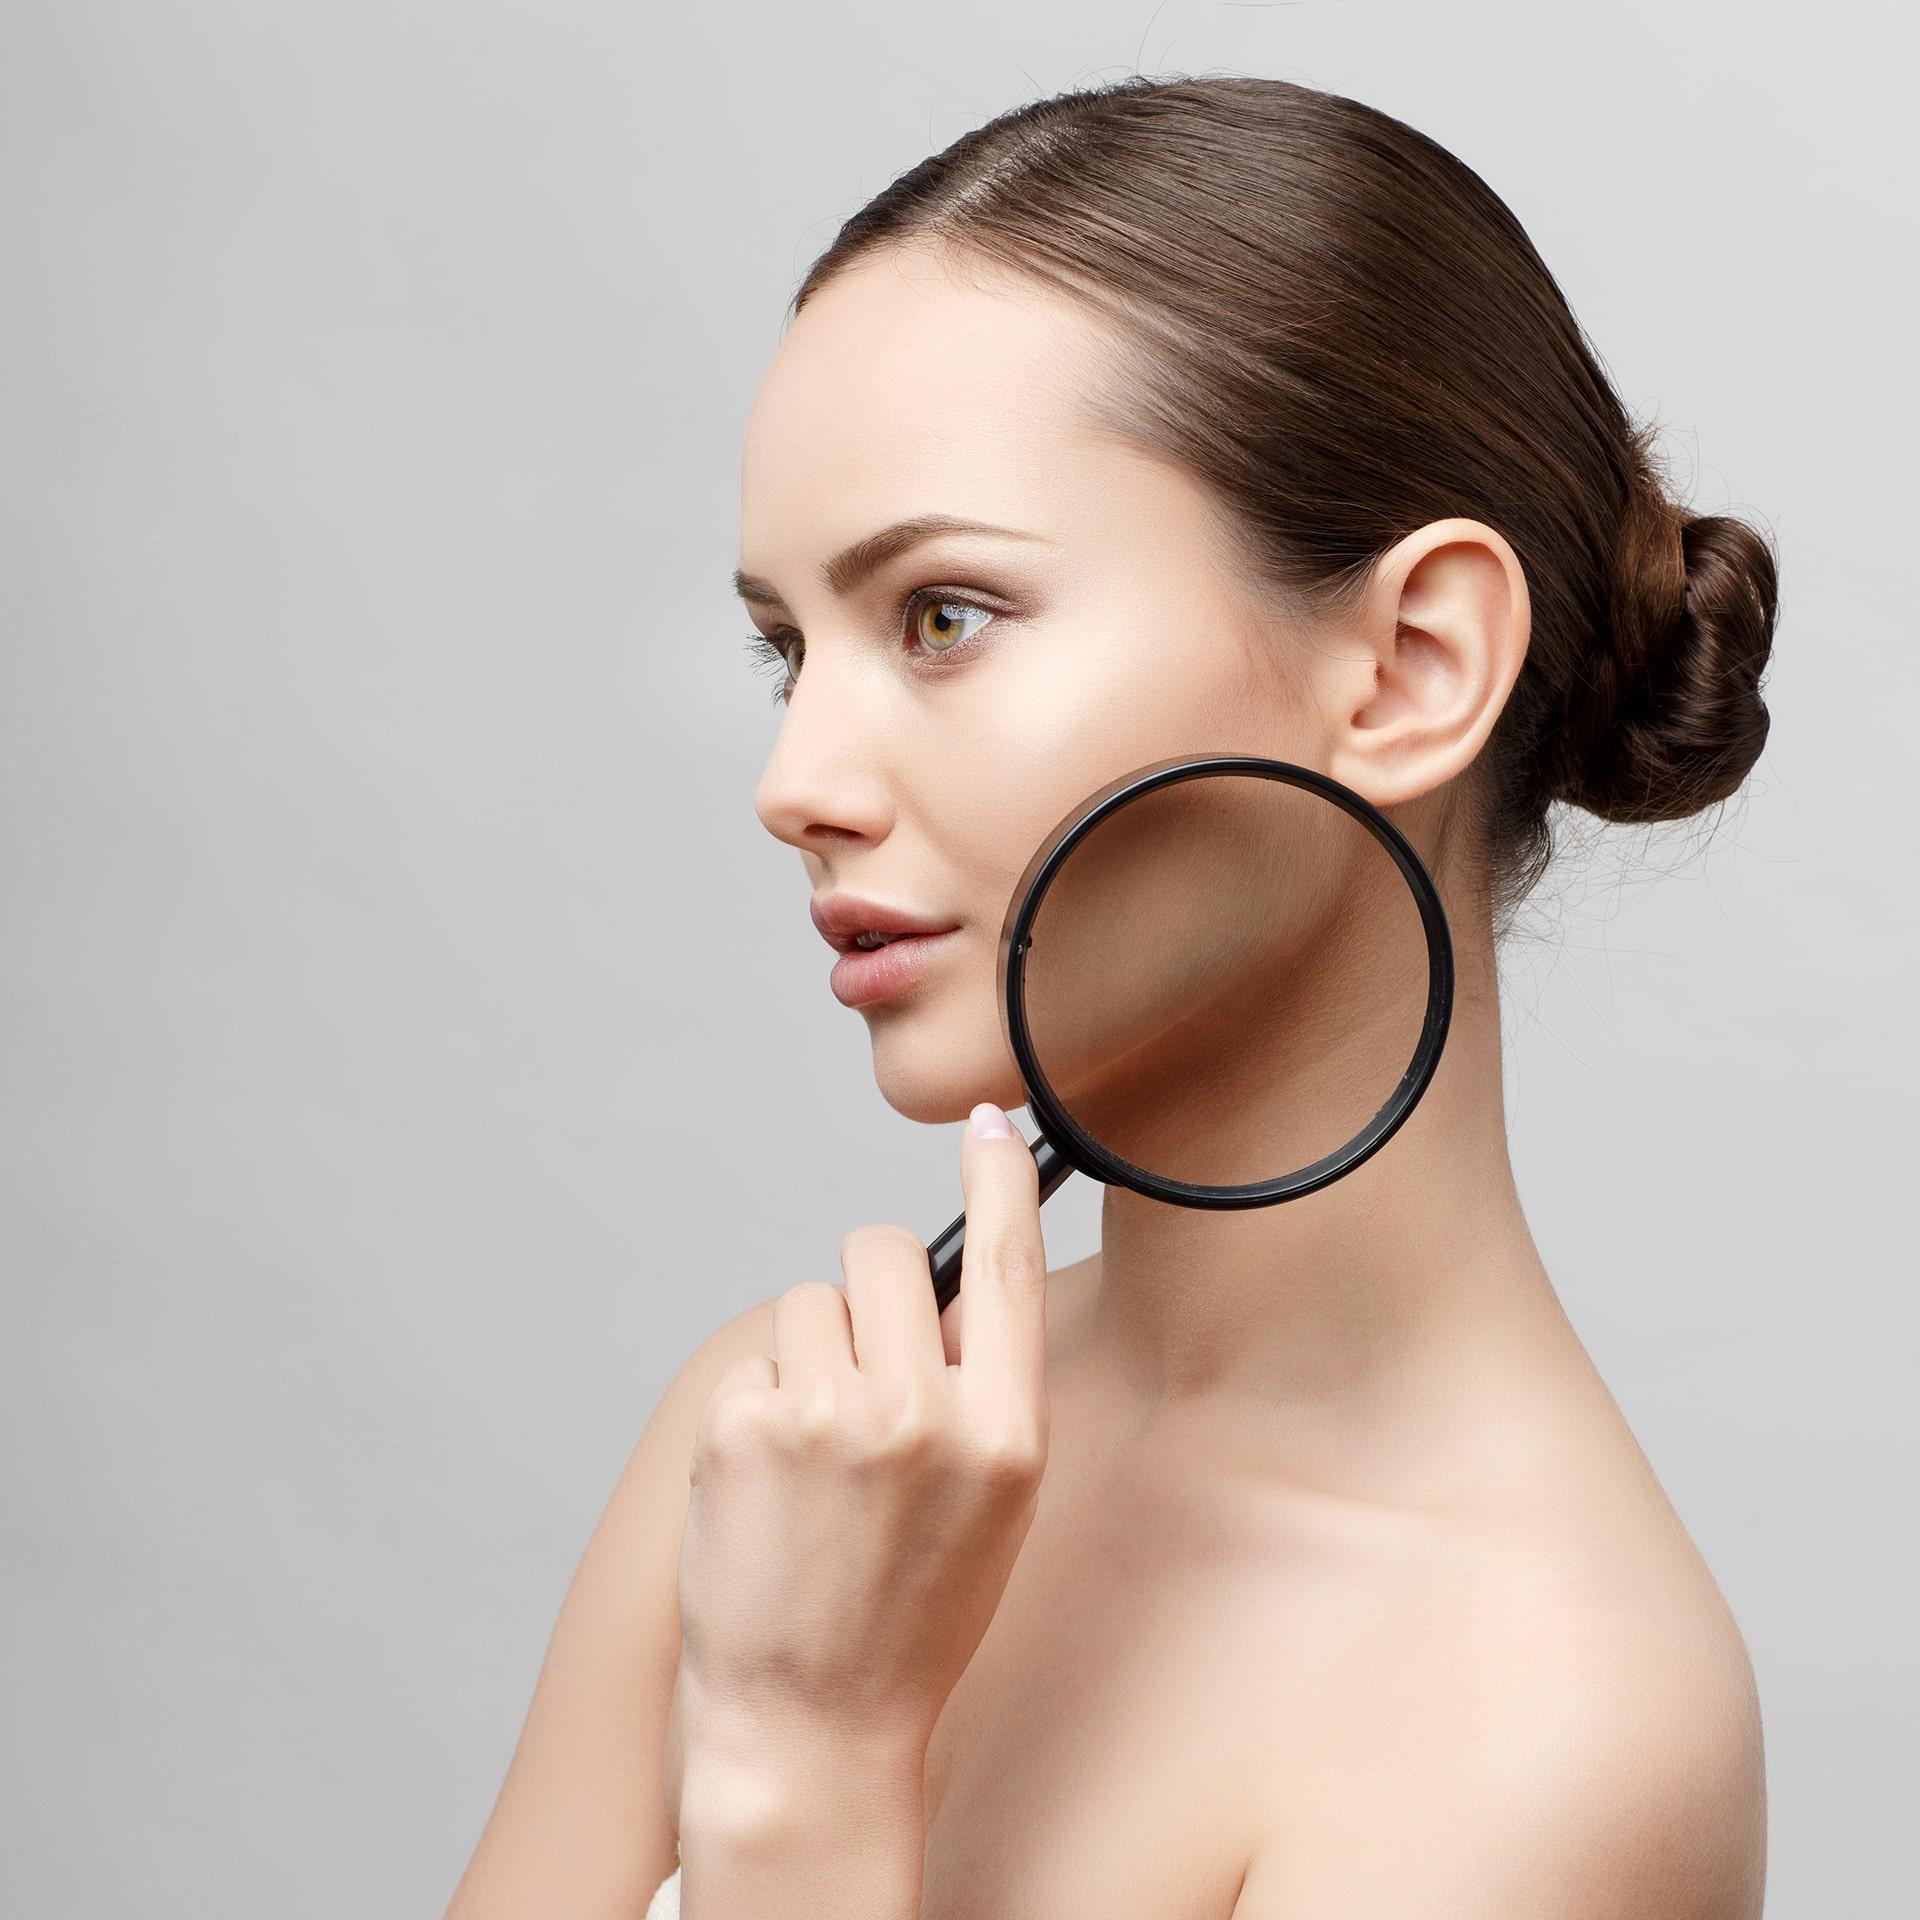 ¿Qué rutina de cuidado de la piel es la adecuada para ti?